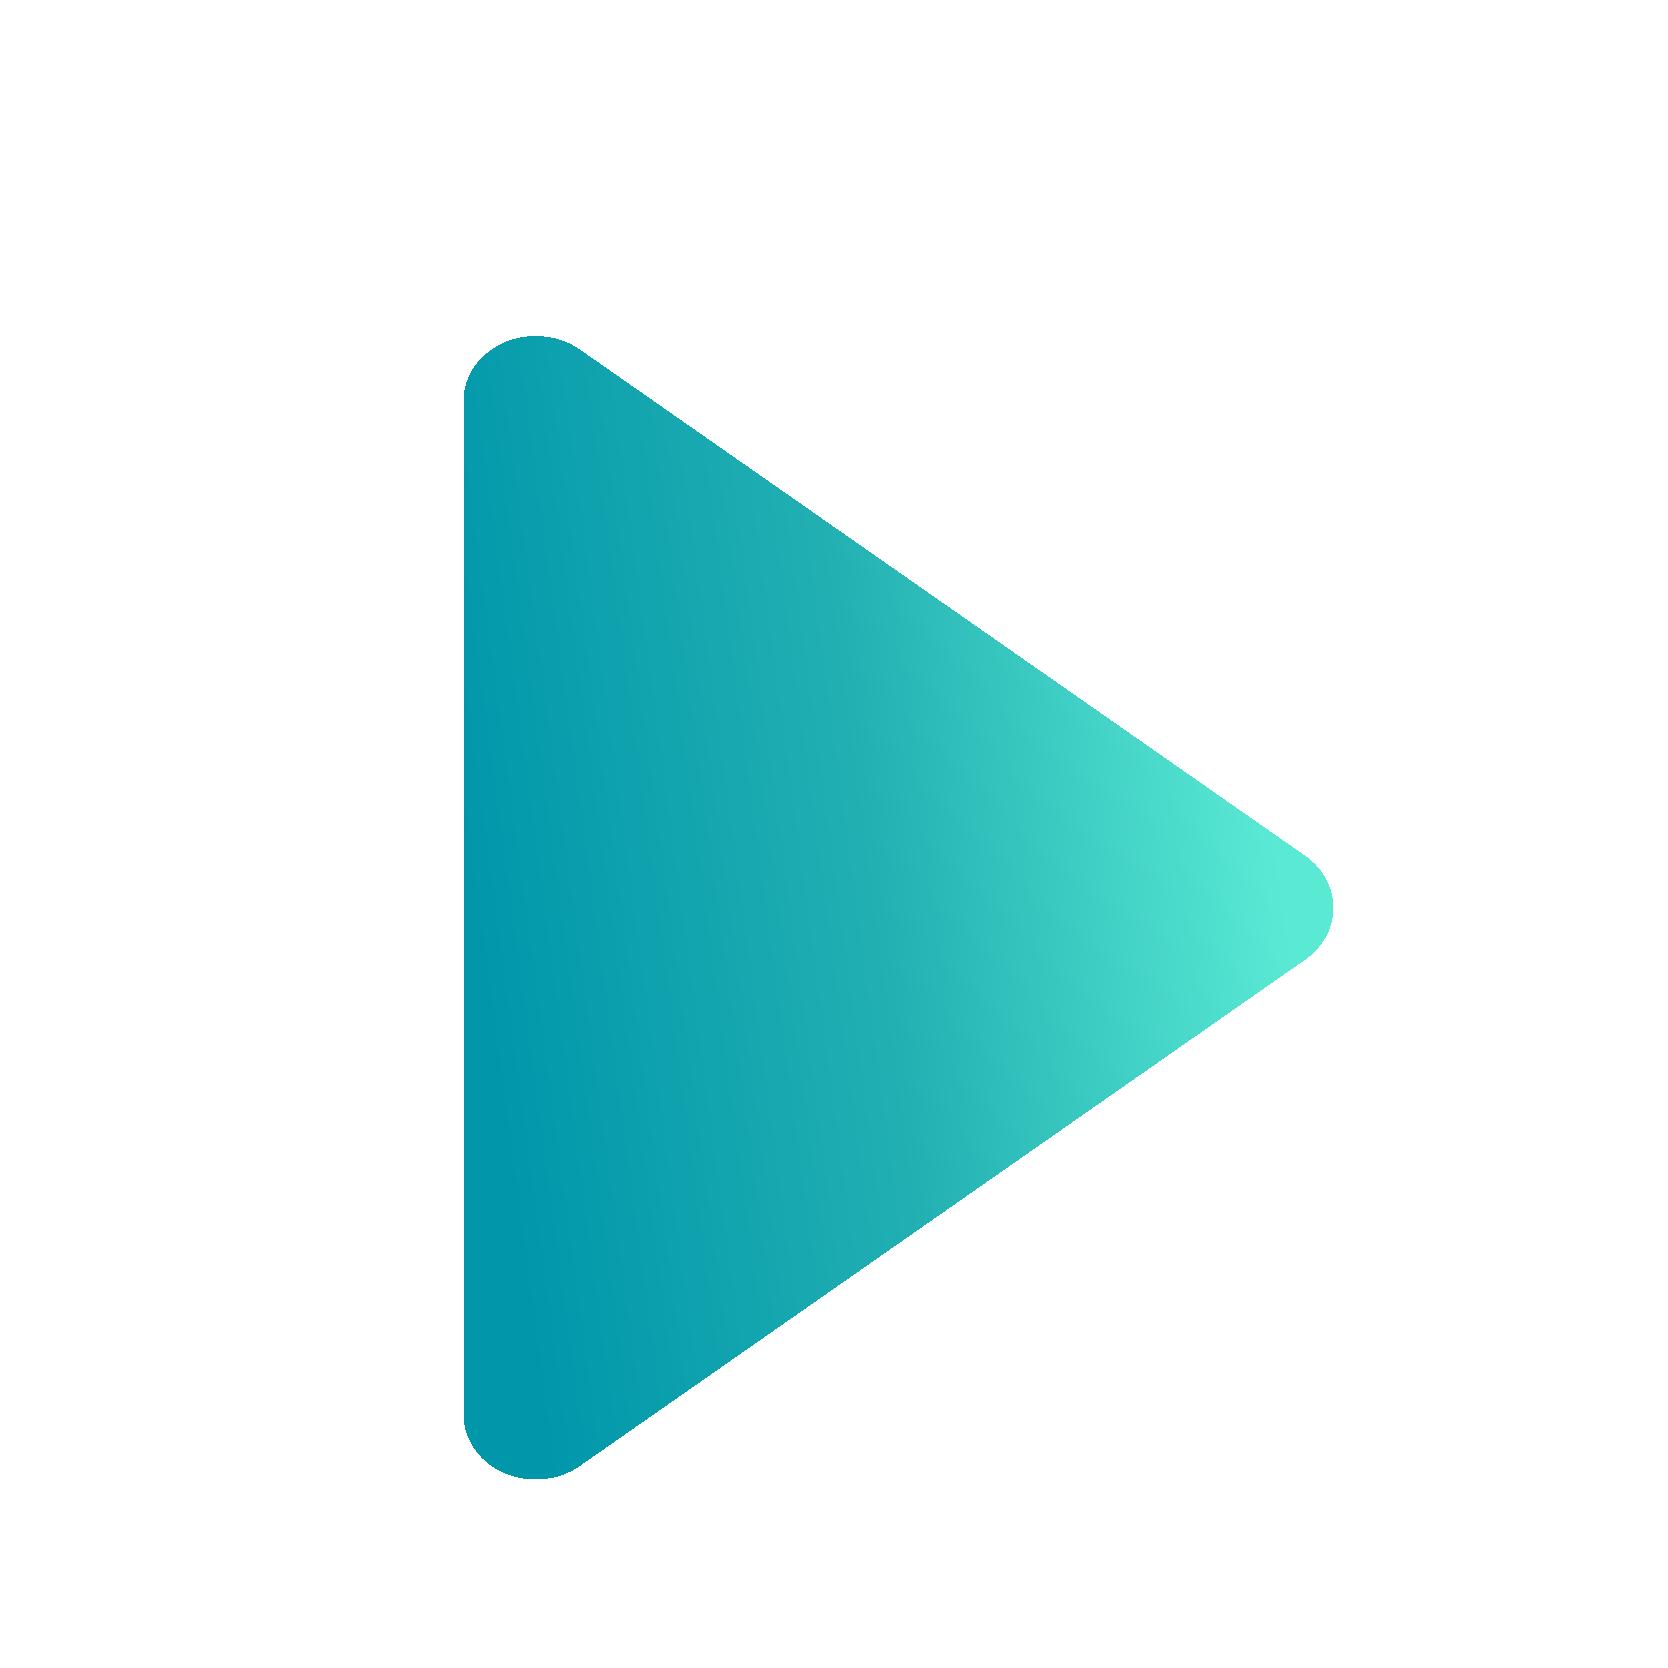 Mozaik-Dreieck-blau-3